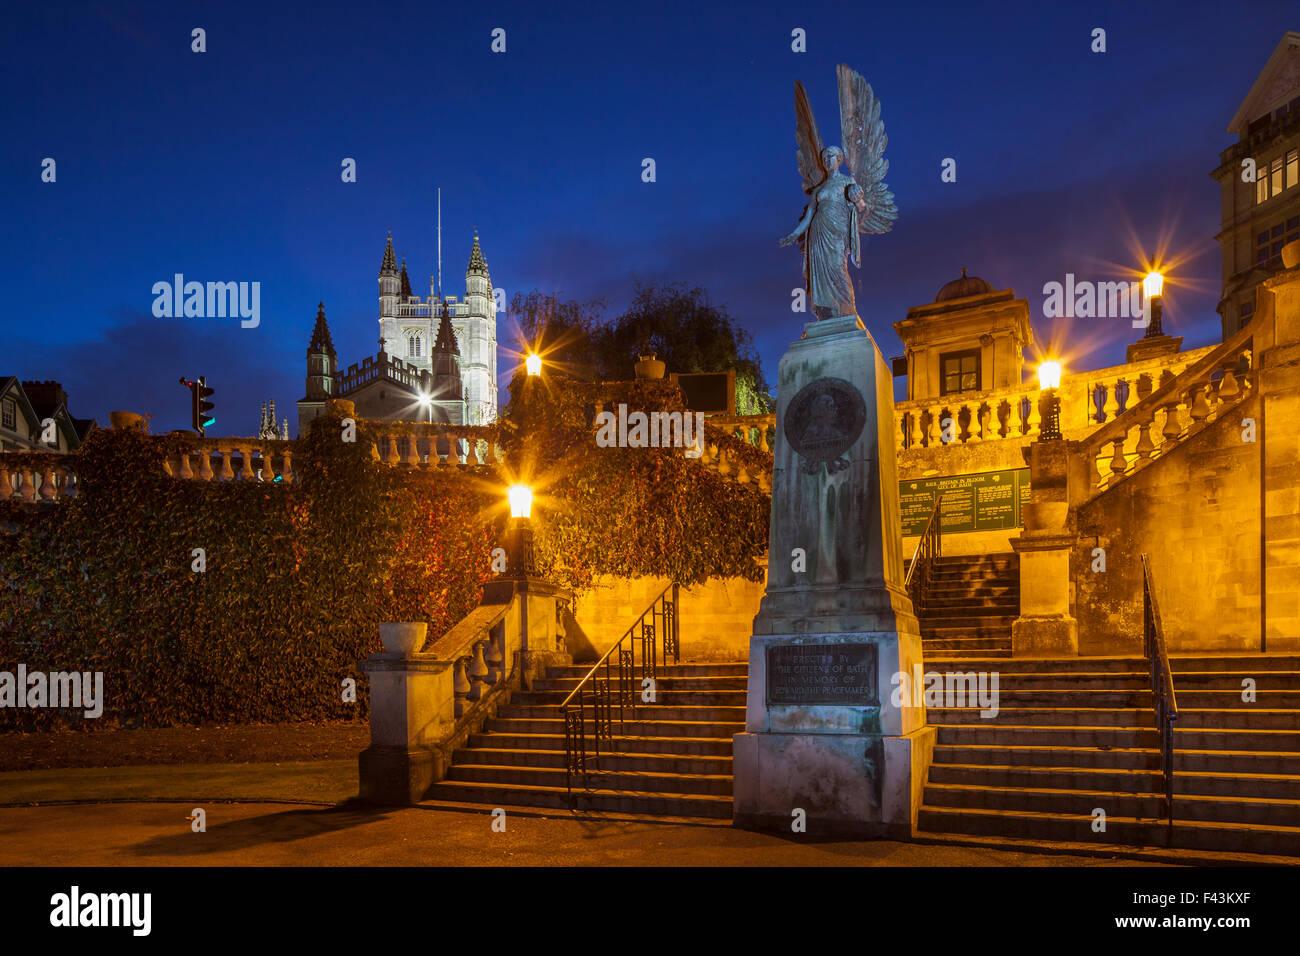 Anochecer en Parade Gardens en Bath, Inglaterra. La Abadía de Bath en la distancia. Imagen De Stock